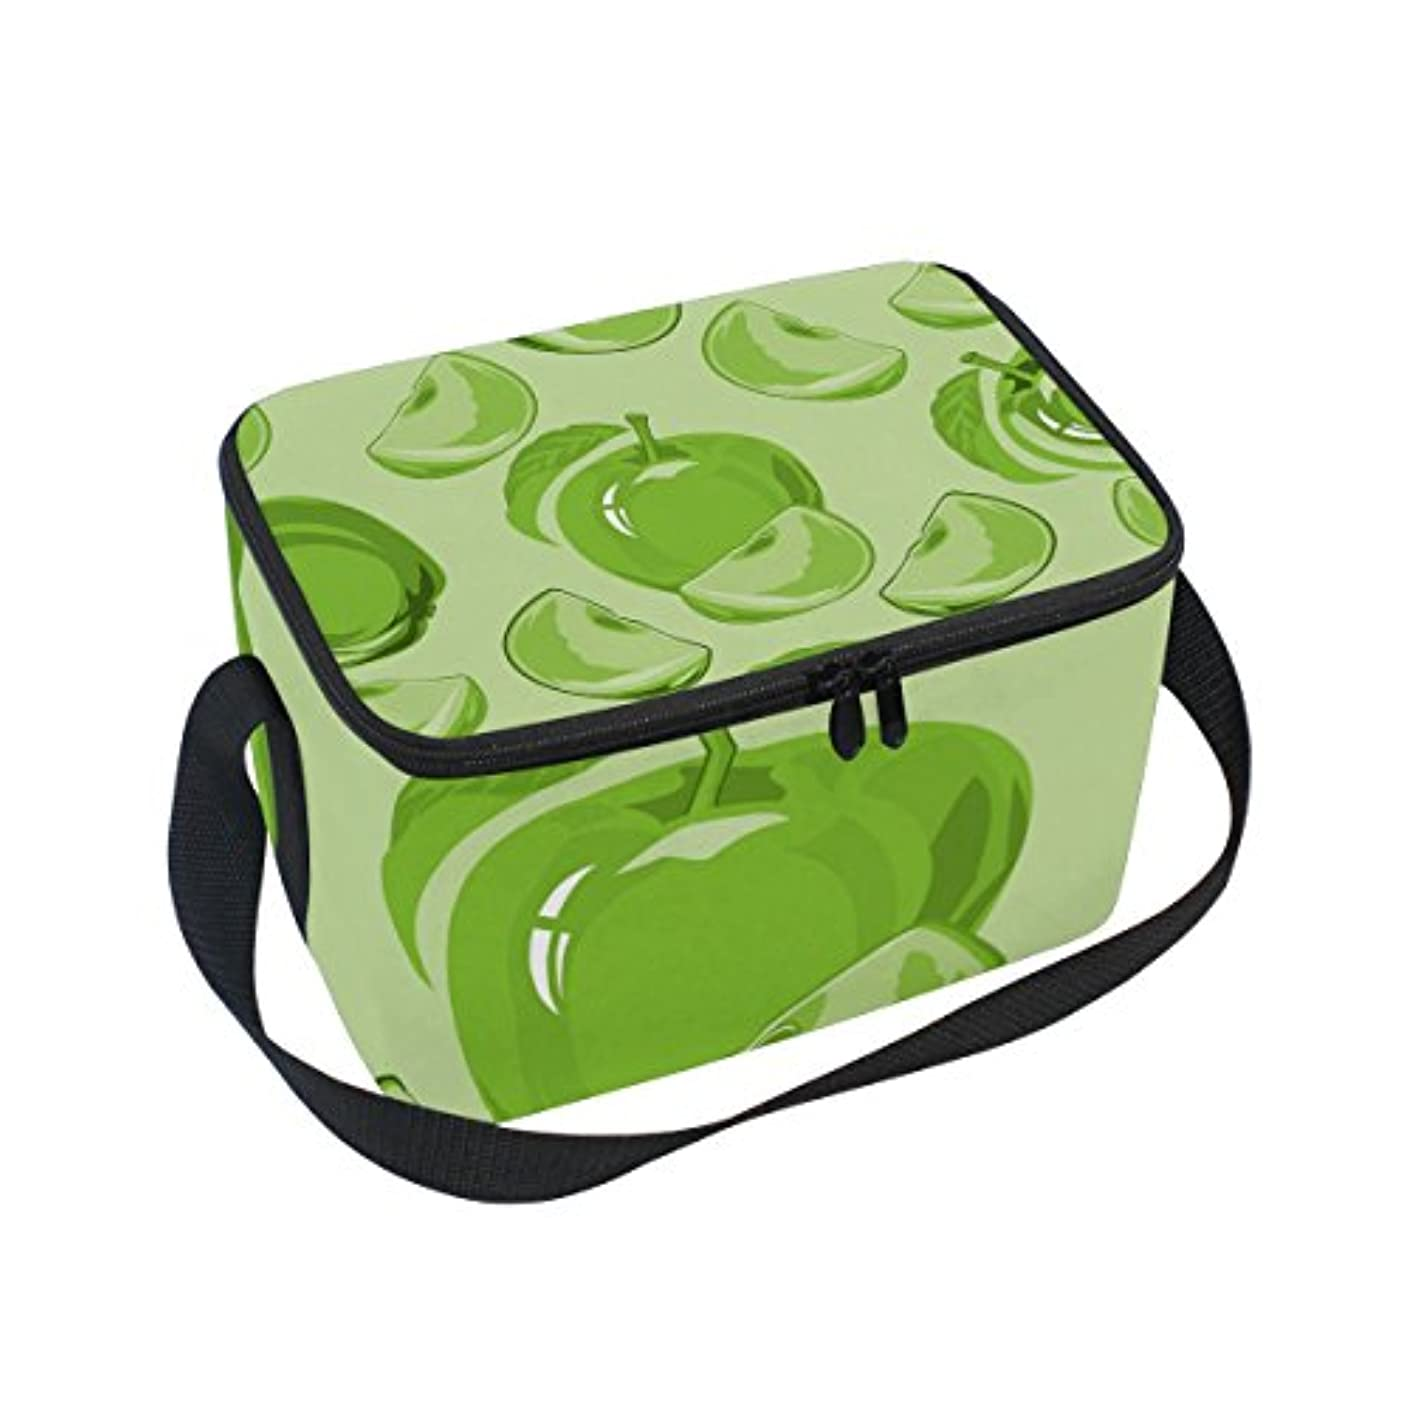 乳白色ピア石クーラーバッグ クーラーボックス ソフトクーラ 冷蔵ボックス キャンプ用品 アップル柄 緑 保冷保温 大容量 肩掛け お花見 アウトドア